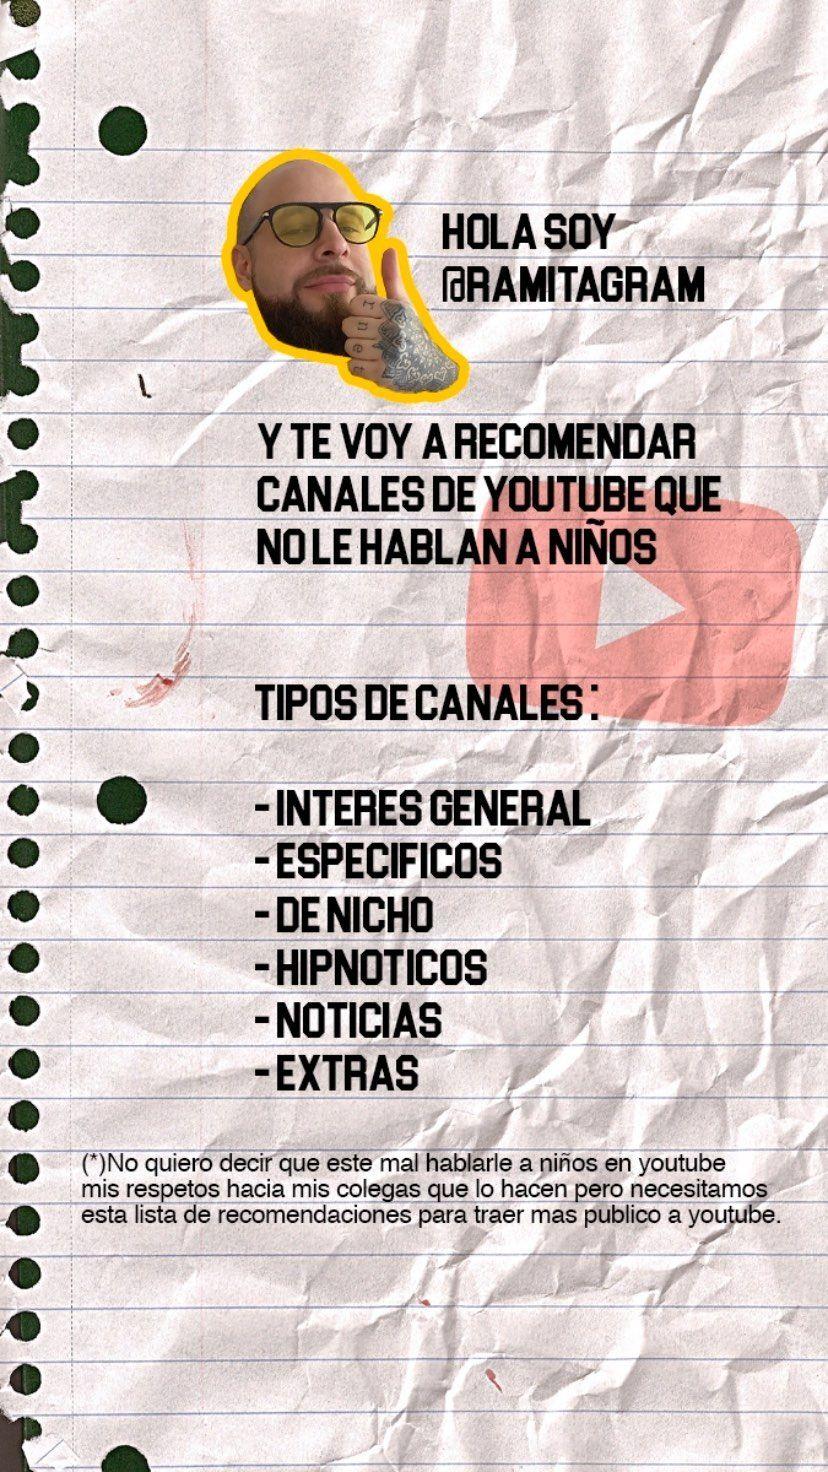 Youtubers por youtubers: los recomendados para ver en cuarentena